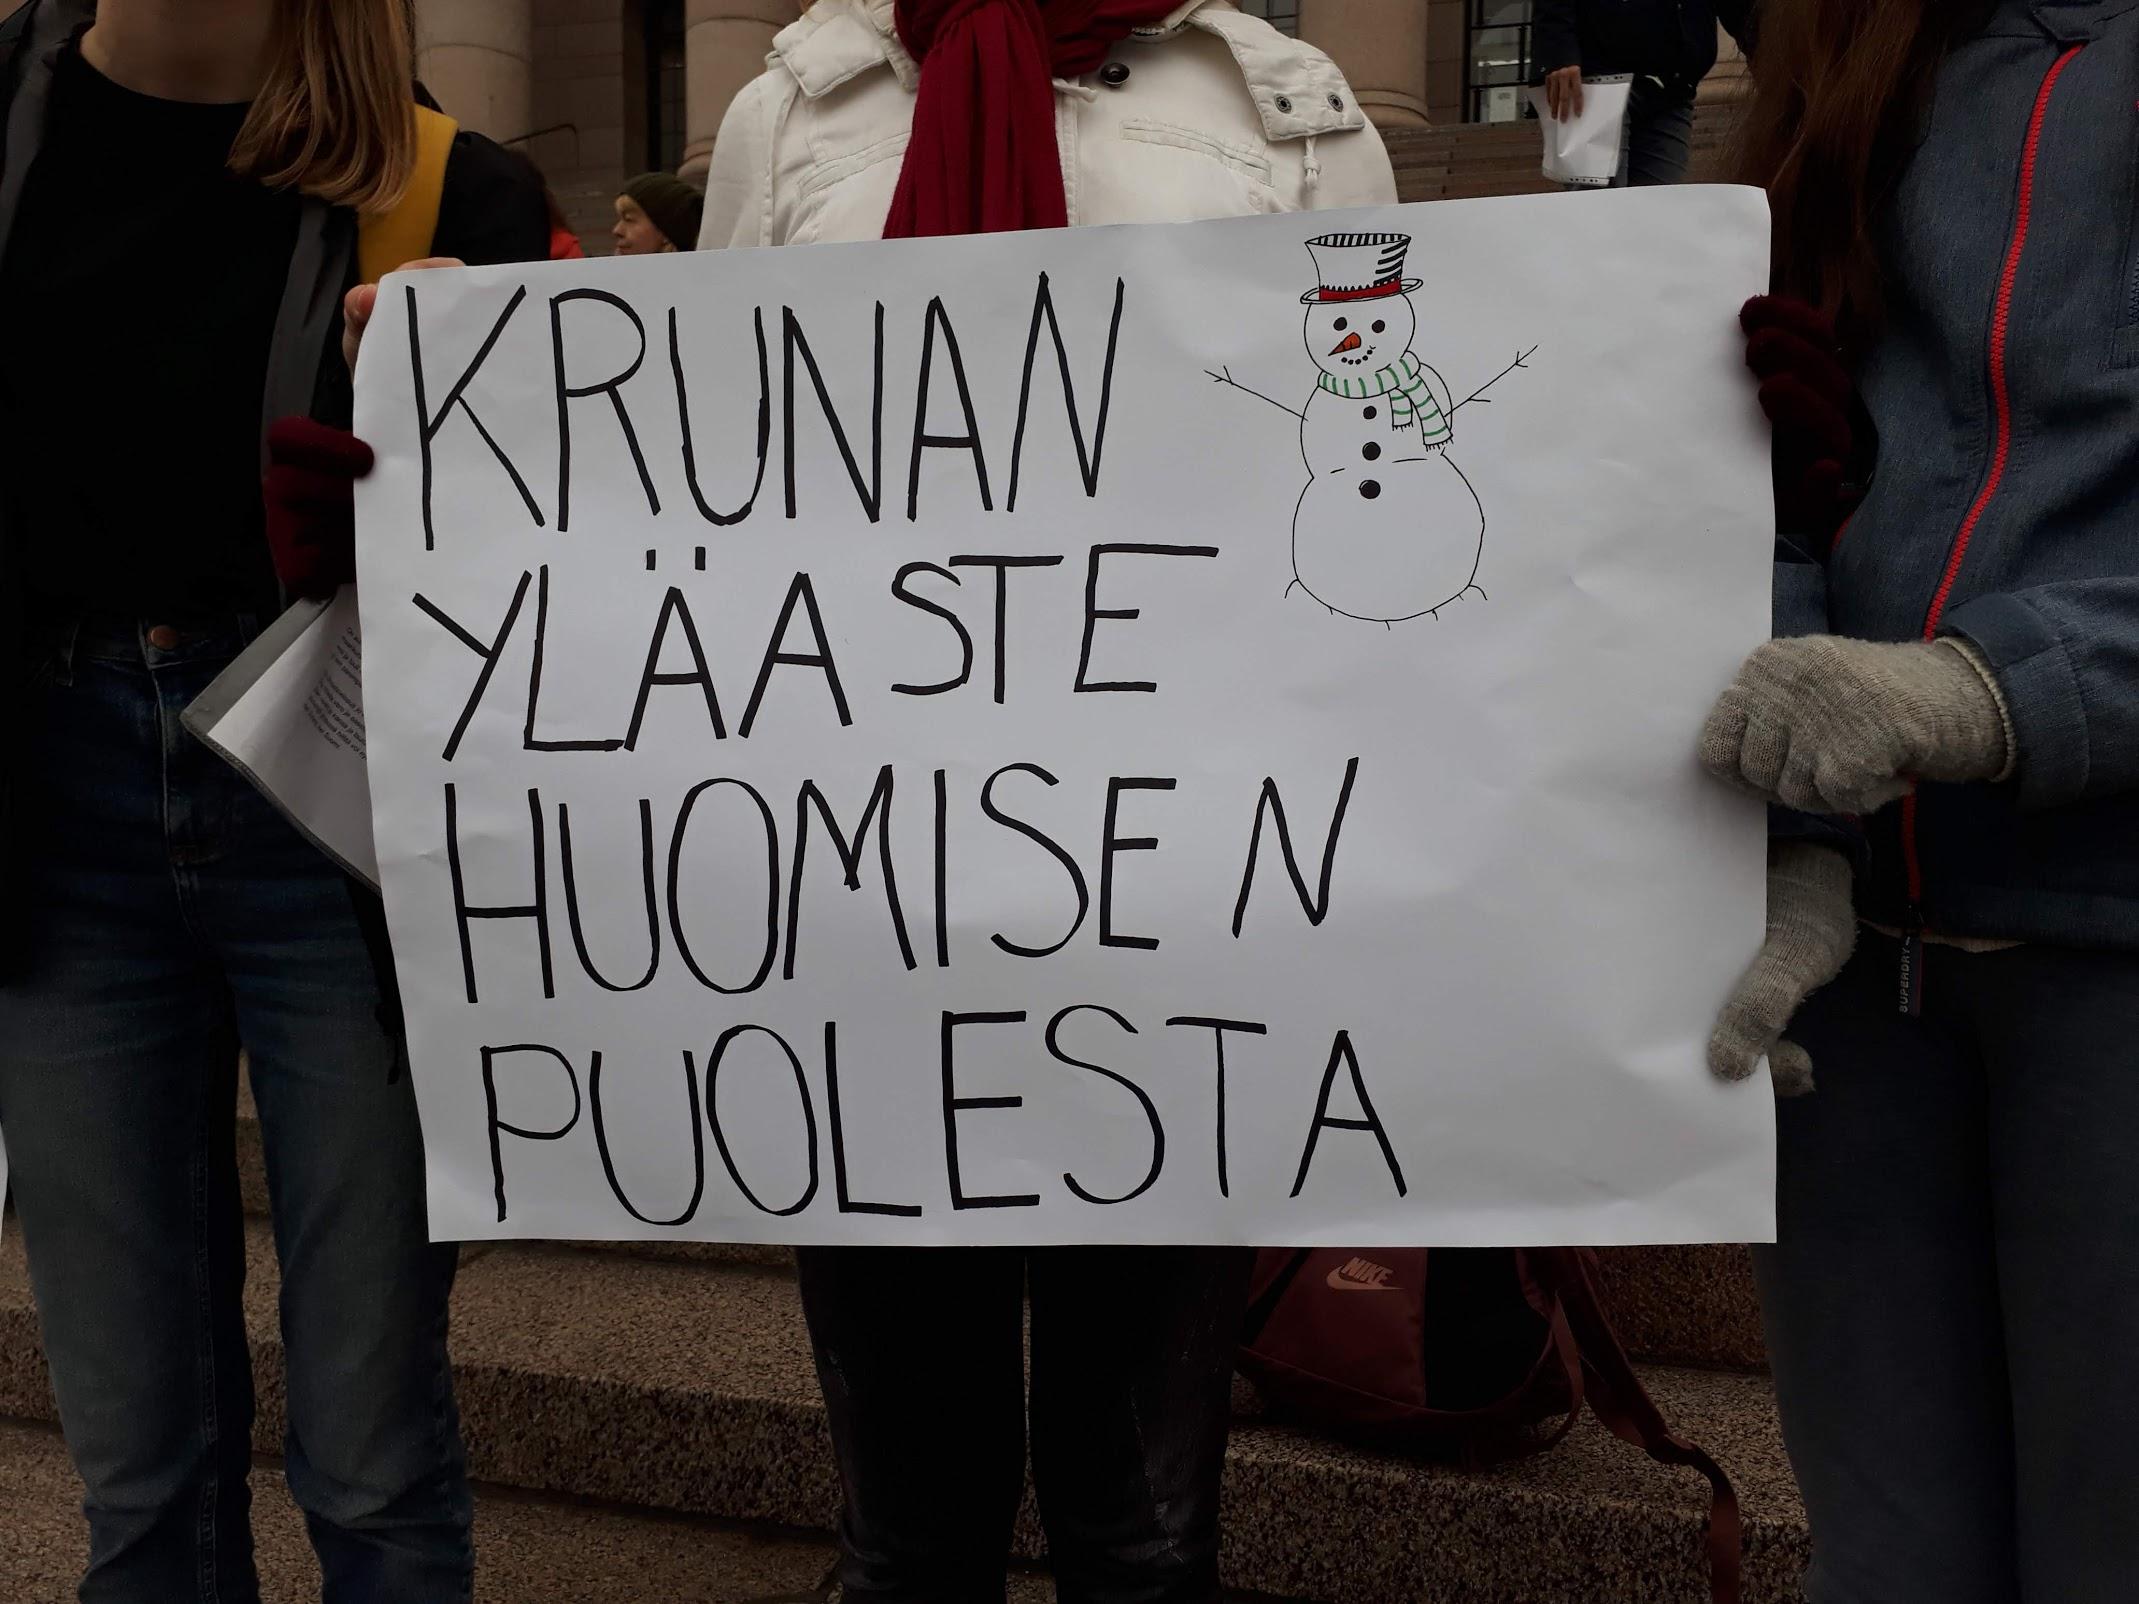 Kruununhaan yläasteen oppilaiden itse perustama ilmastoryhmä oli mukana mielenilmauksessa eduskuntatalon portailla lokakuussa 2018.